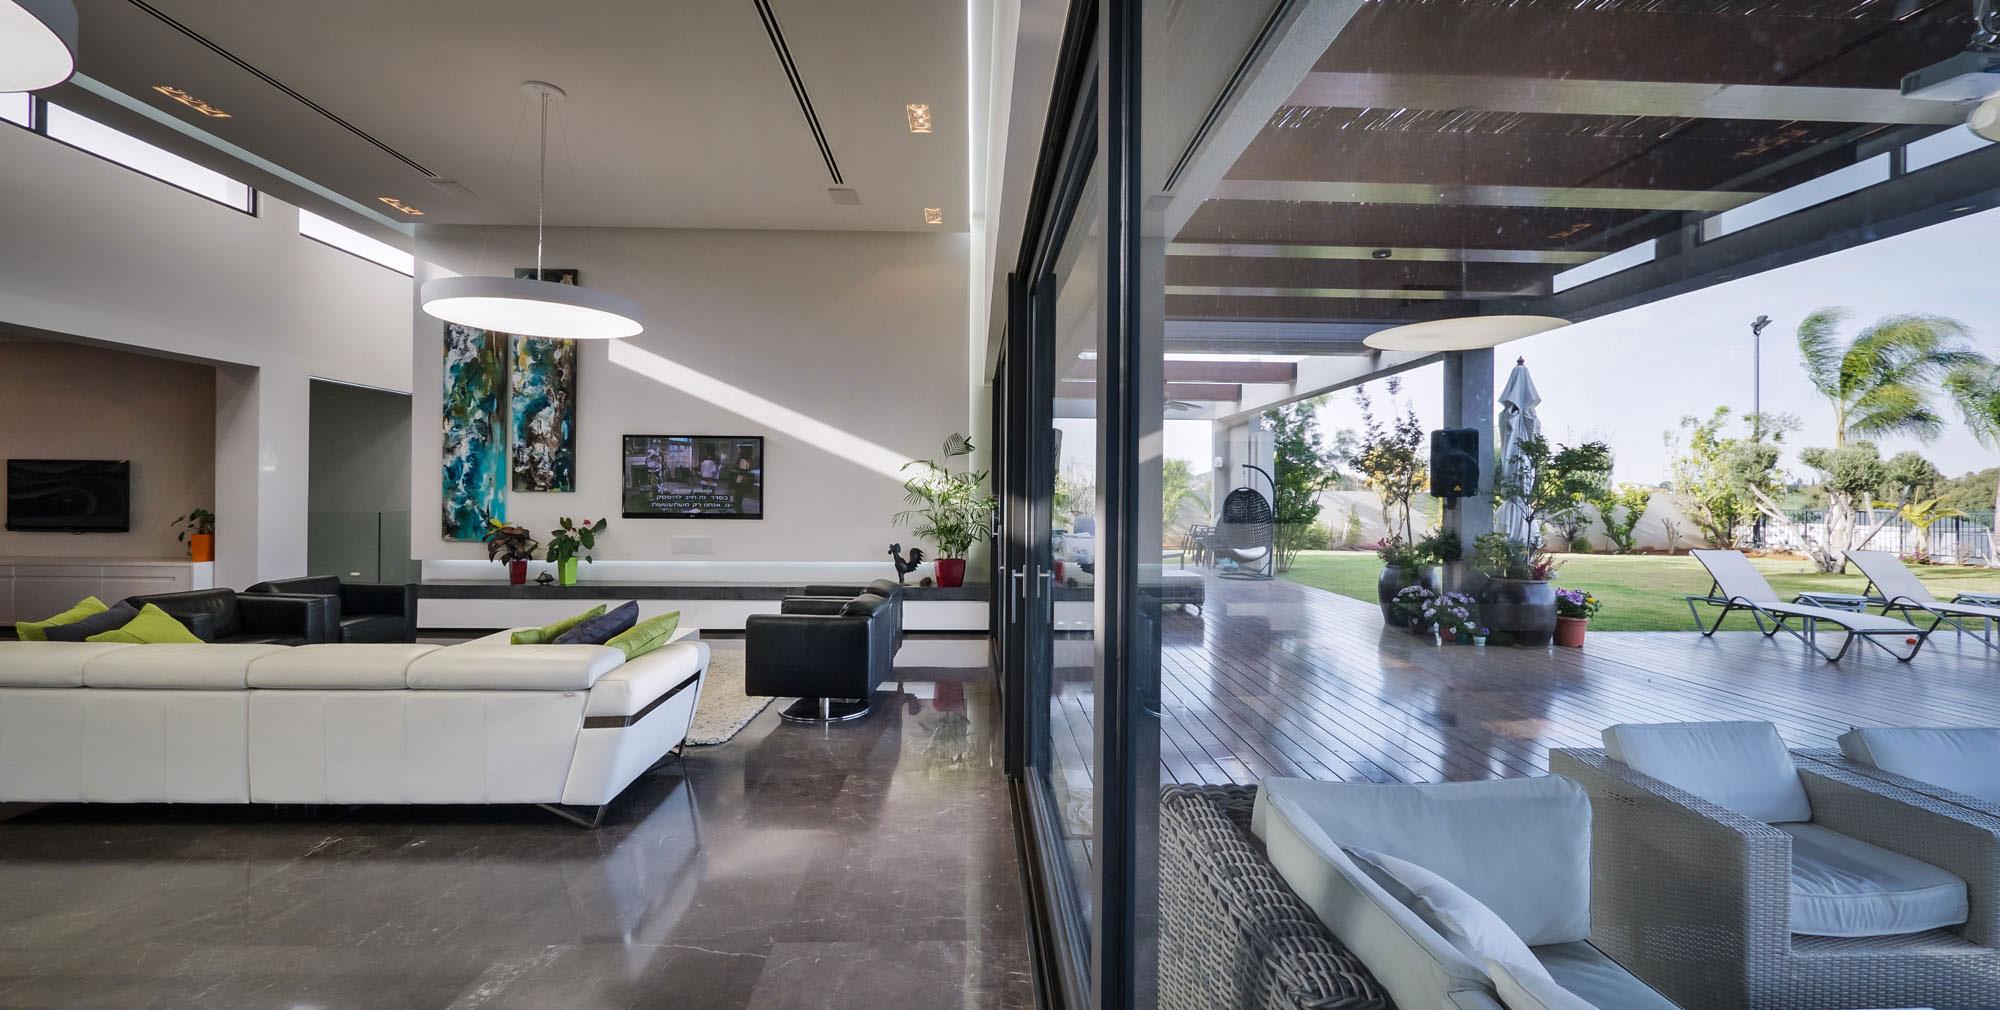 Lyxig-villa-med-en-samtida-design-från-Israel-6 Lyxig villa med modern design från Israel